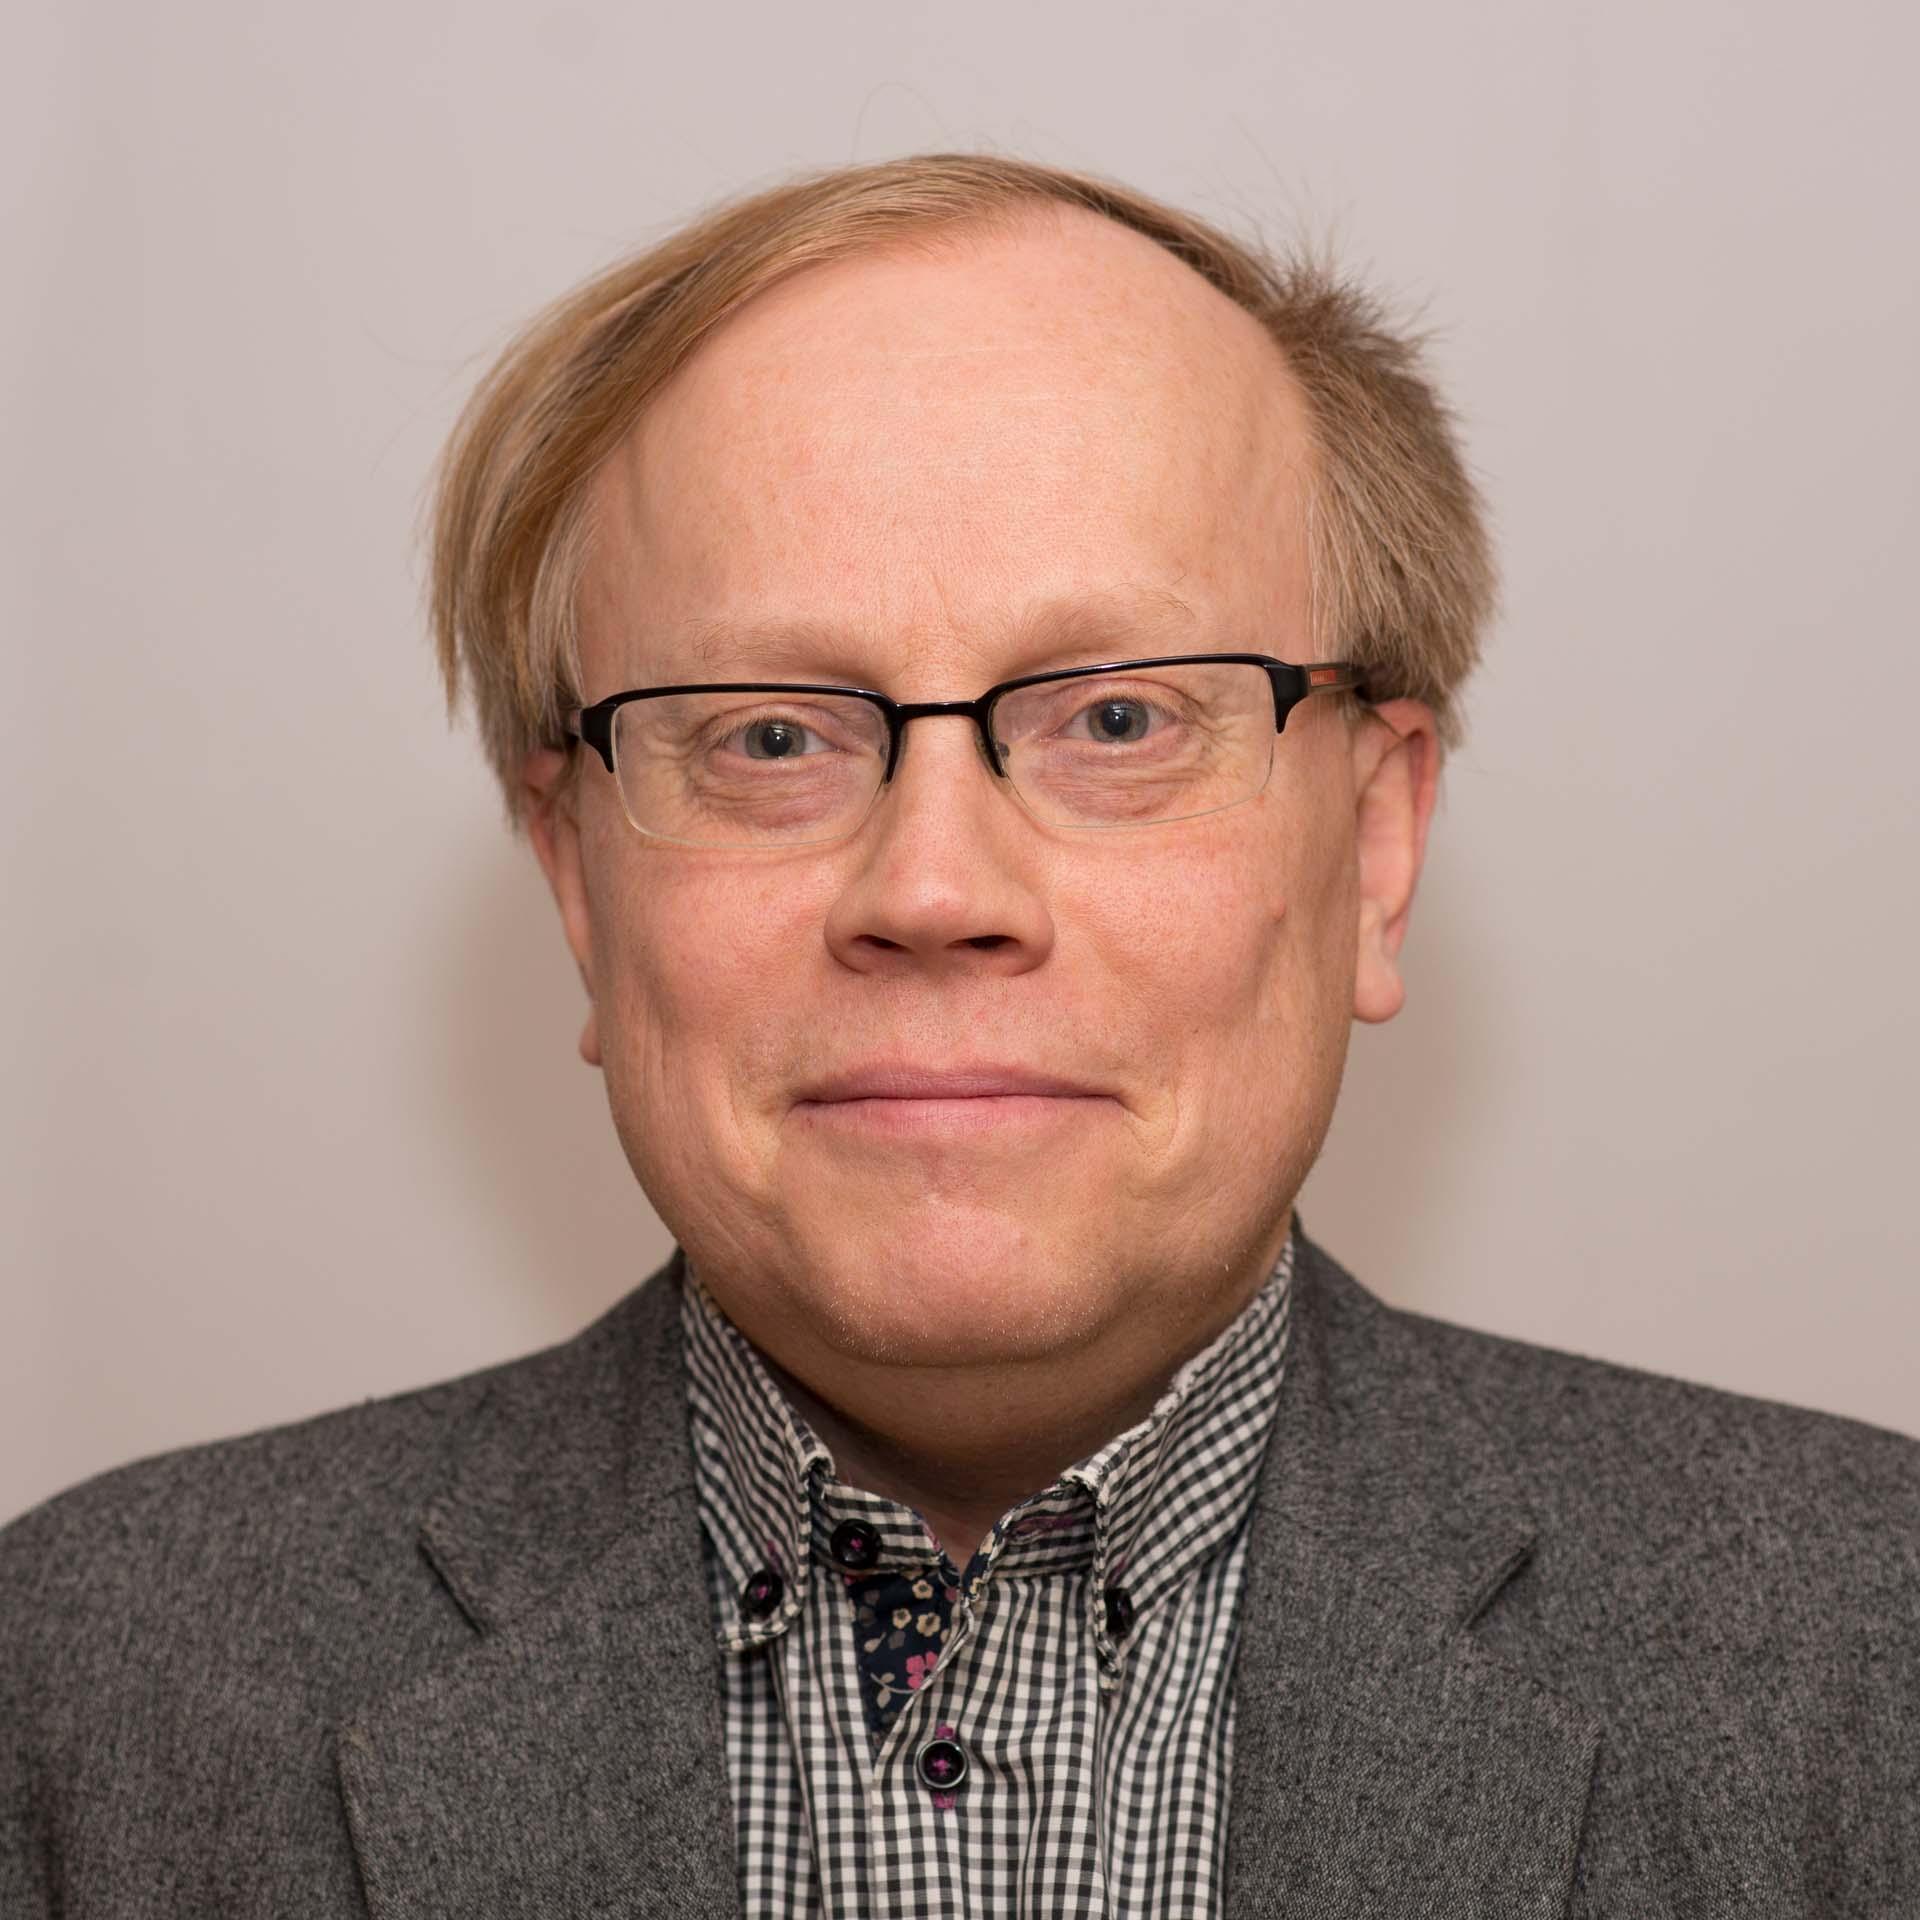 Antti Lappeteläinen